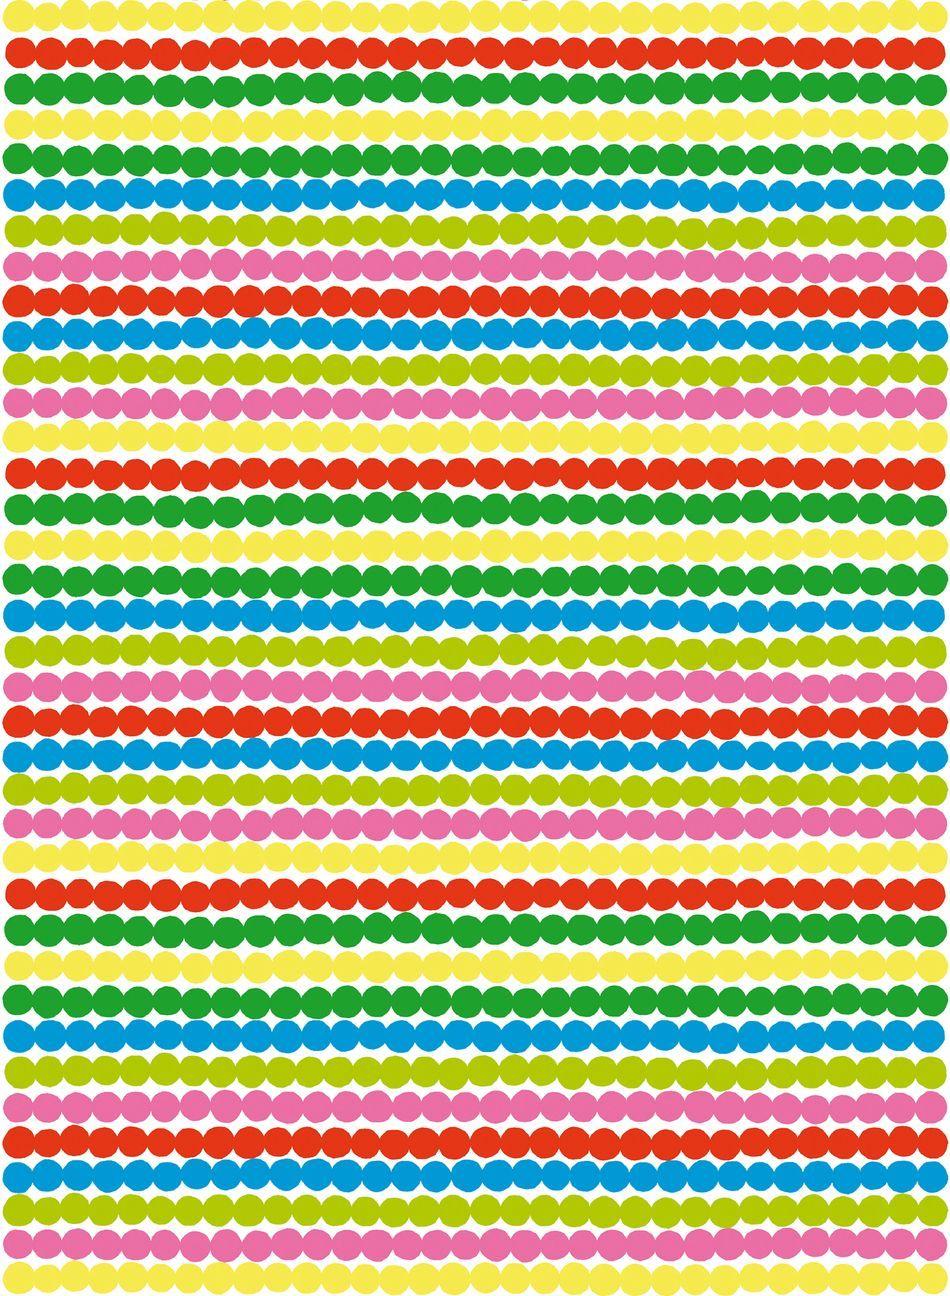 Räsymatto - paksu puuvilla (valkoinen, punainen, vihreä)